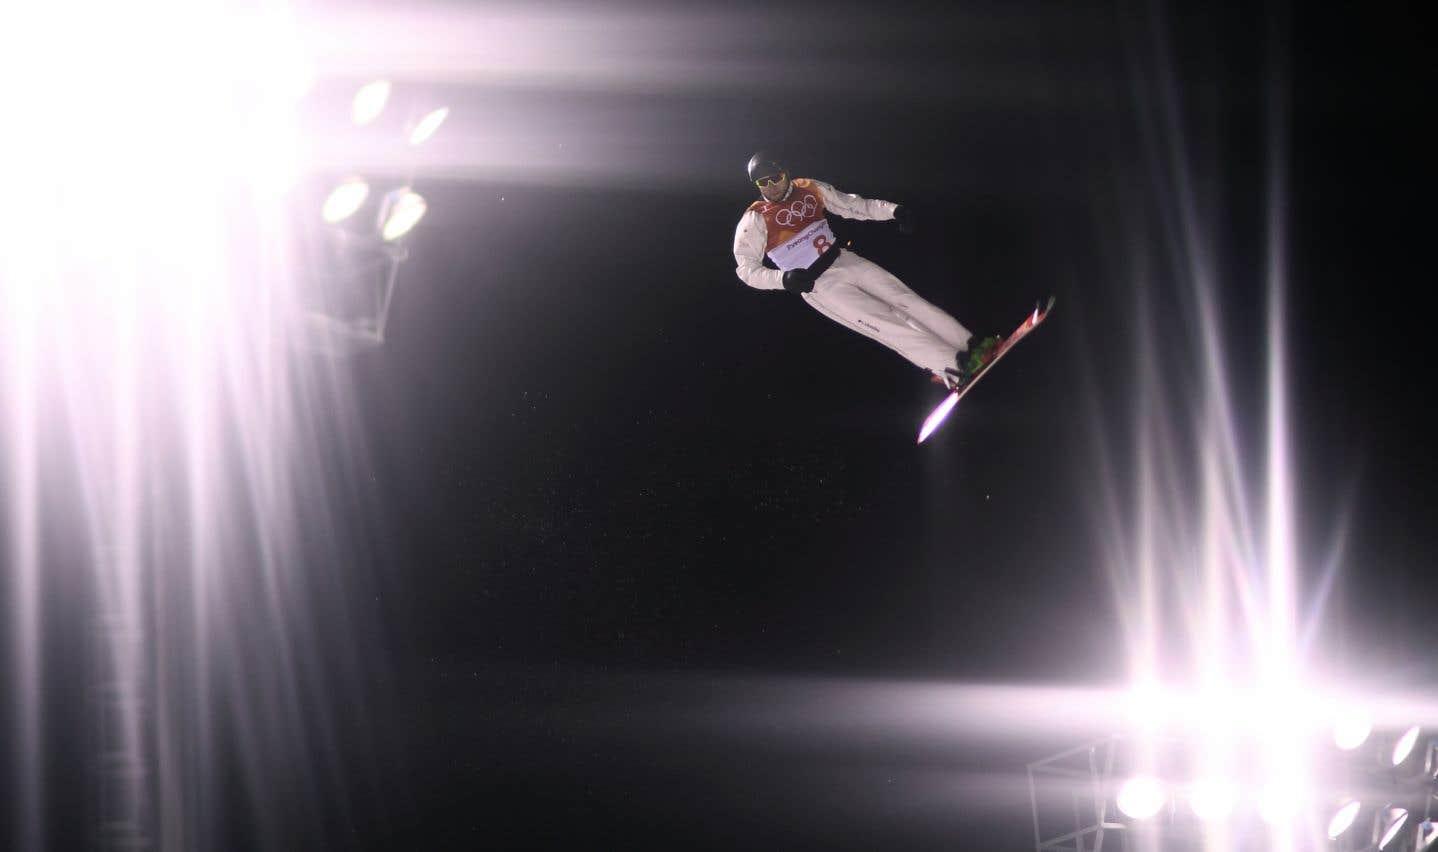 Le Québécois Olivier Rochon, lors des qualifications des sauts de ski acrobatique, samedi soir